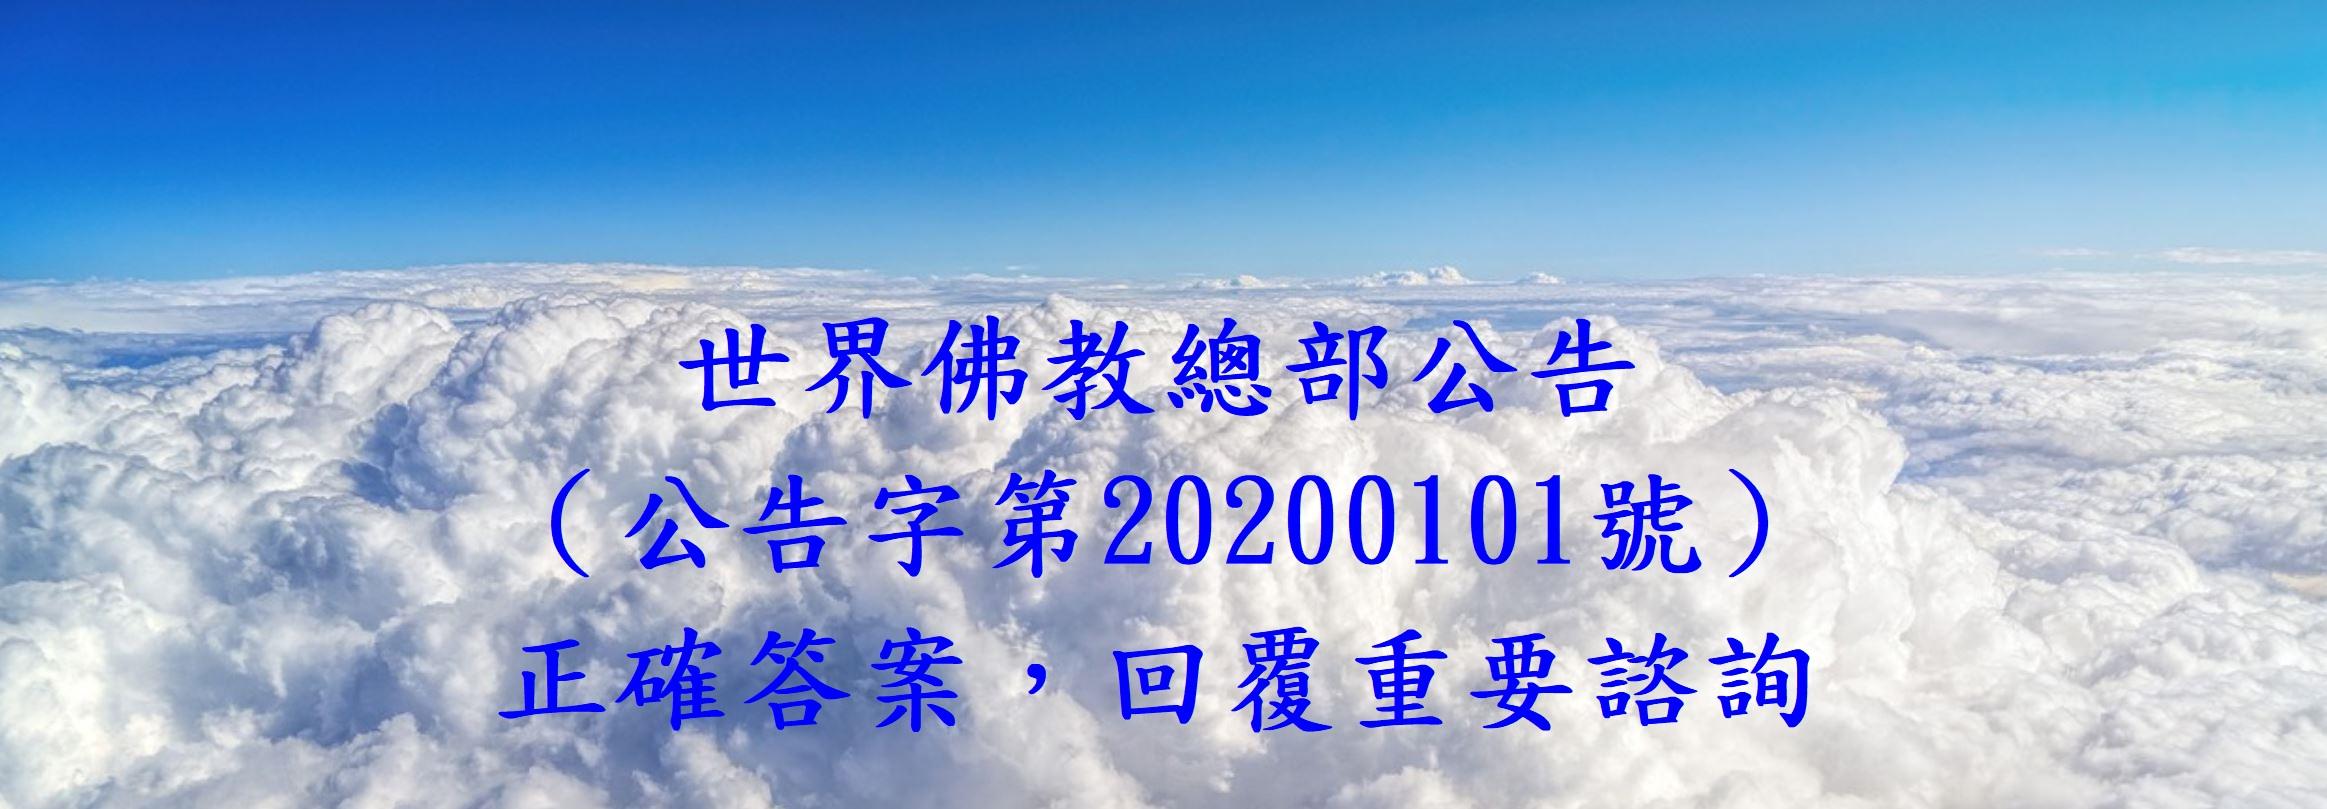 (公告字第20200101號)